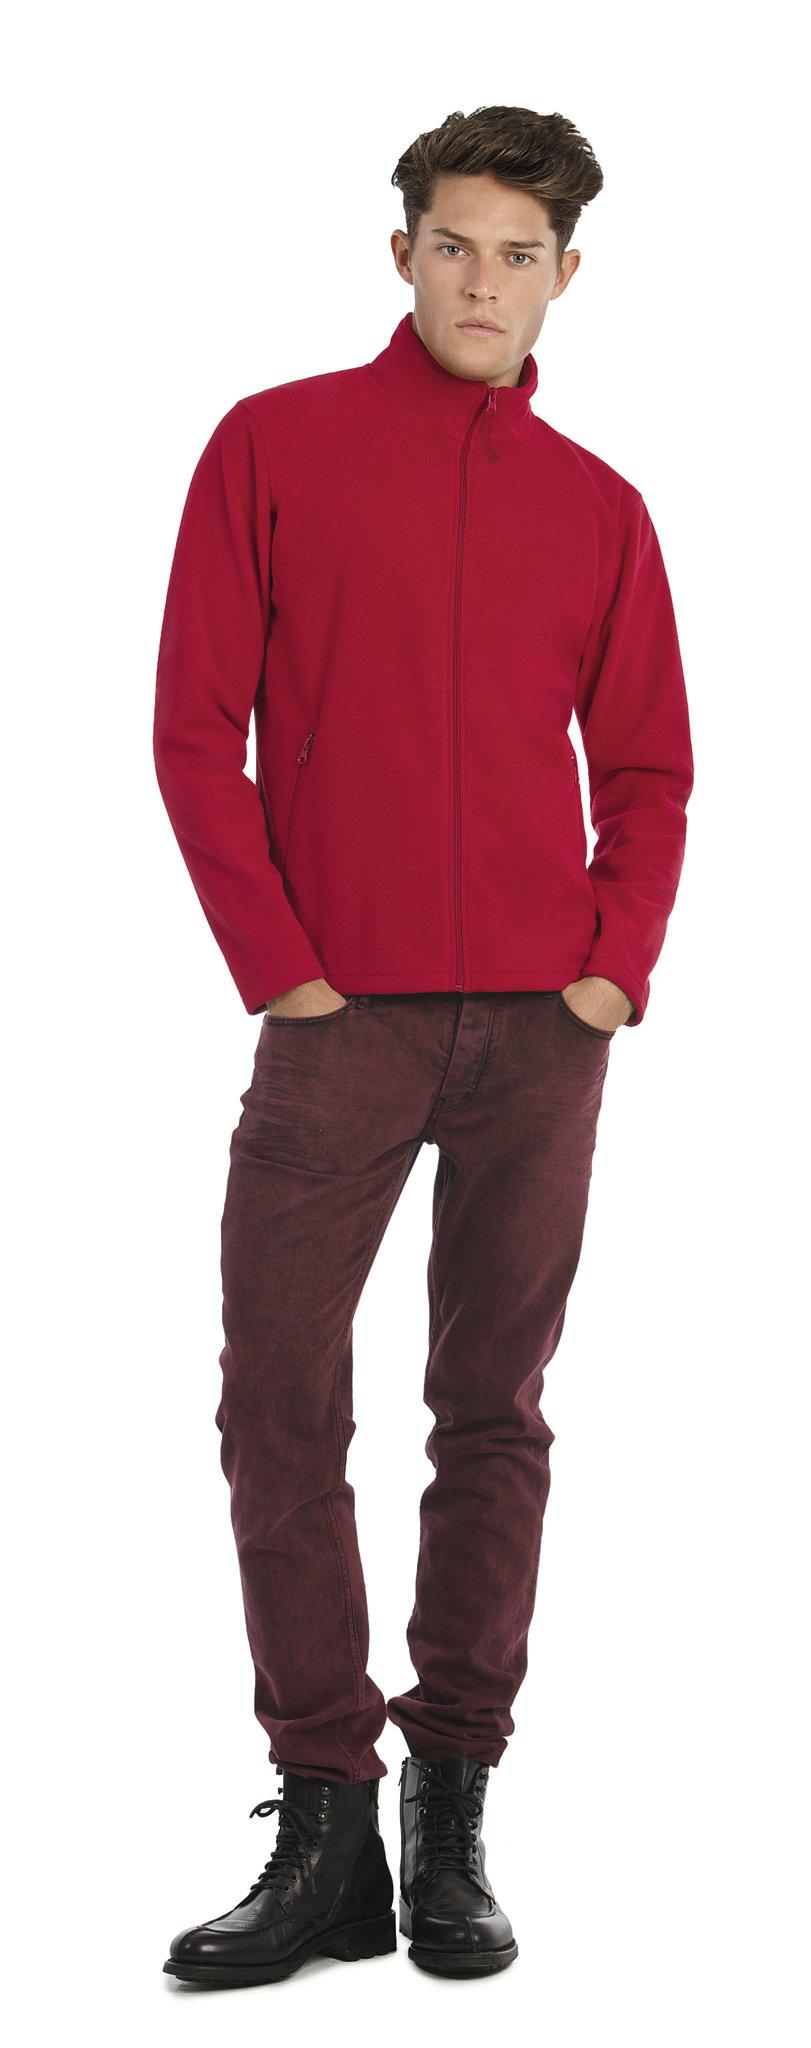 Veste polaire publicitaire Fleece - veste polaire personnalisable